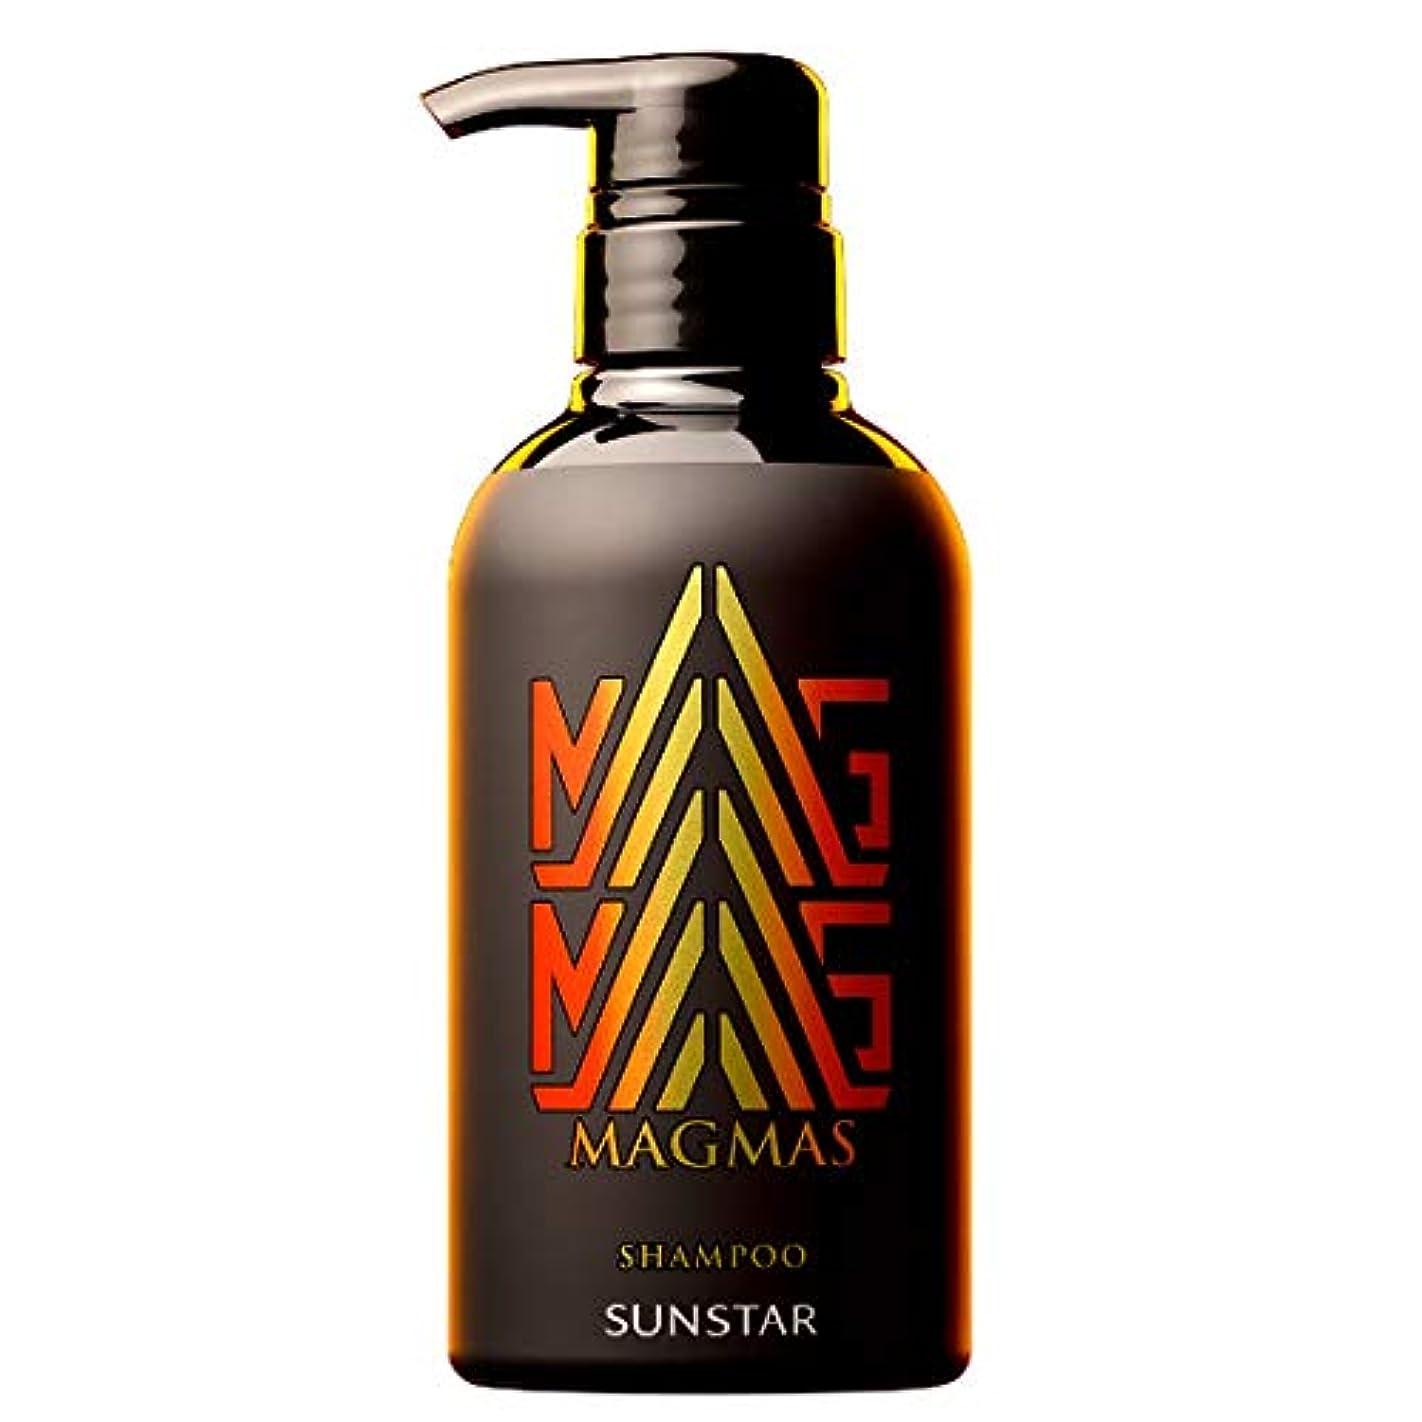 政権検索エンジンマーケティングランデブーサンスター メンズ 亜鉛導入シャンプー MAGMAS(マグマス) 髪のボリュームアップ & スカルプケア 400ml